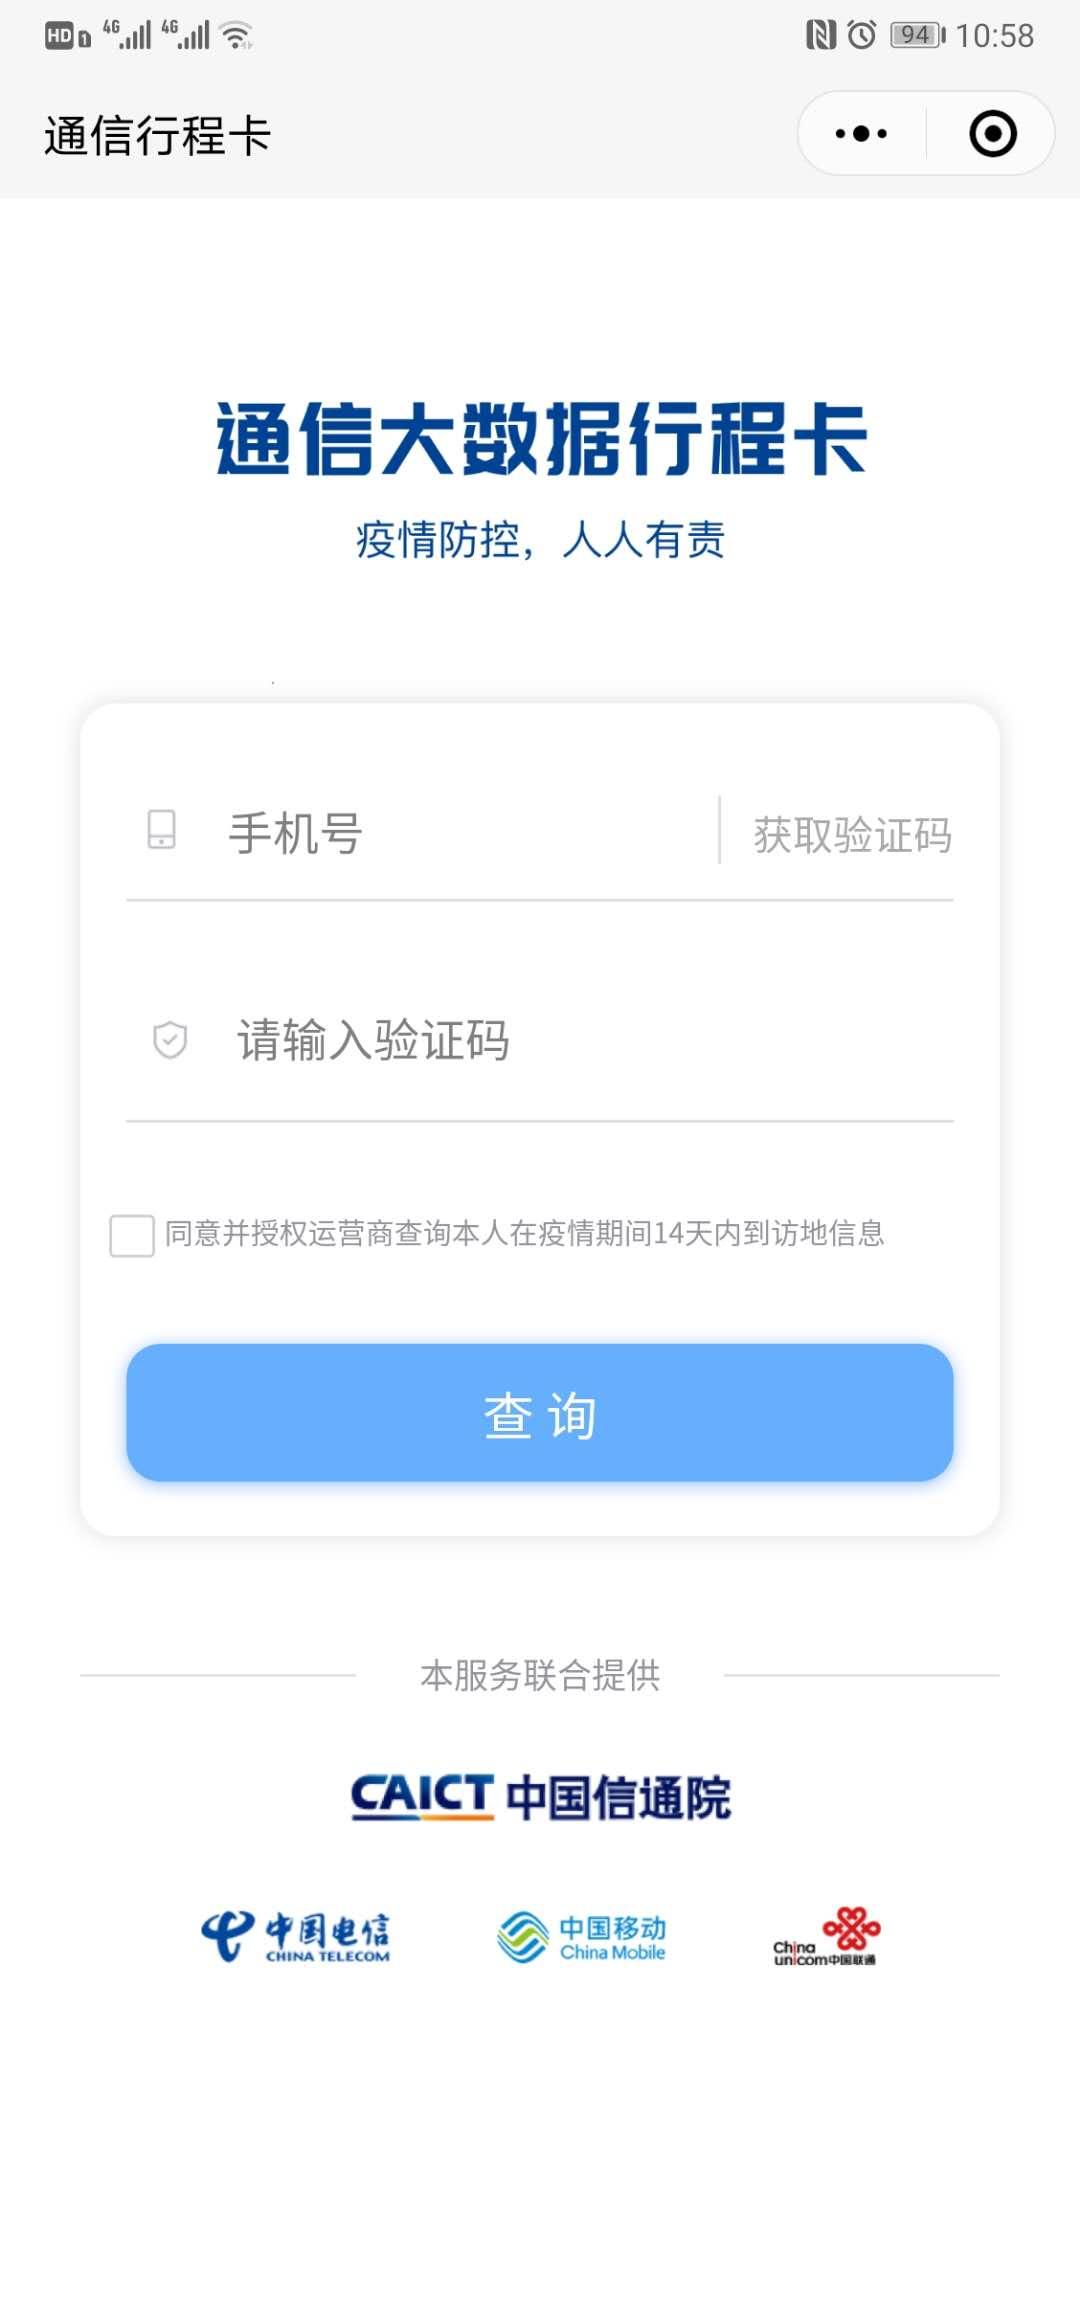 行程卡1.jpg